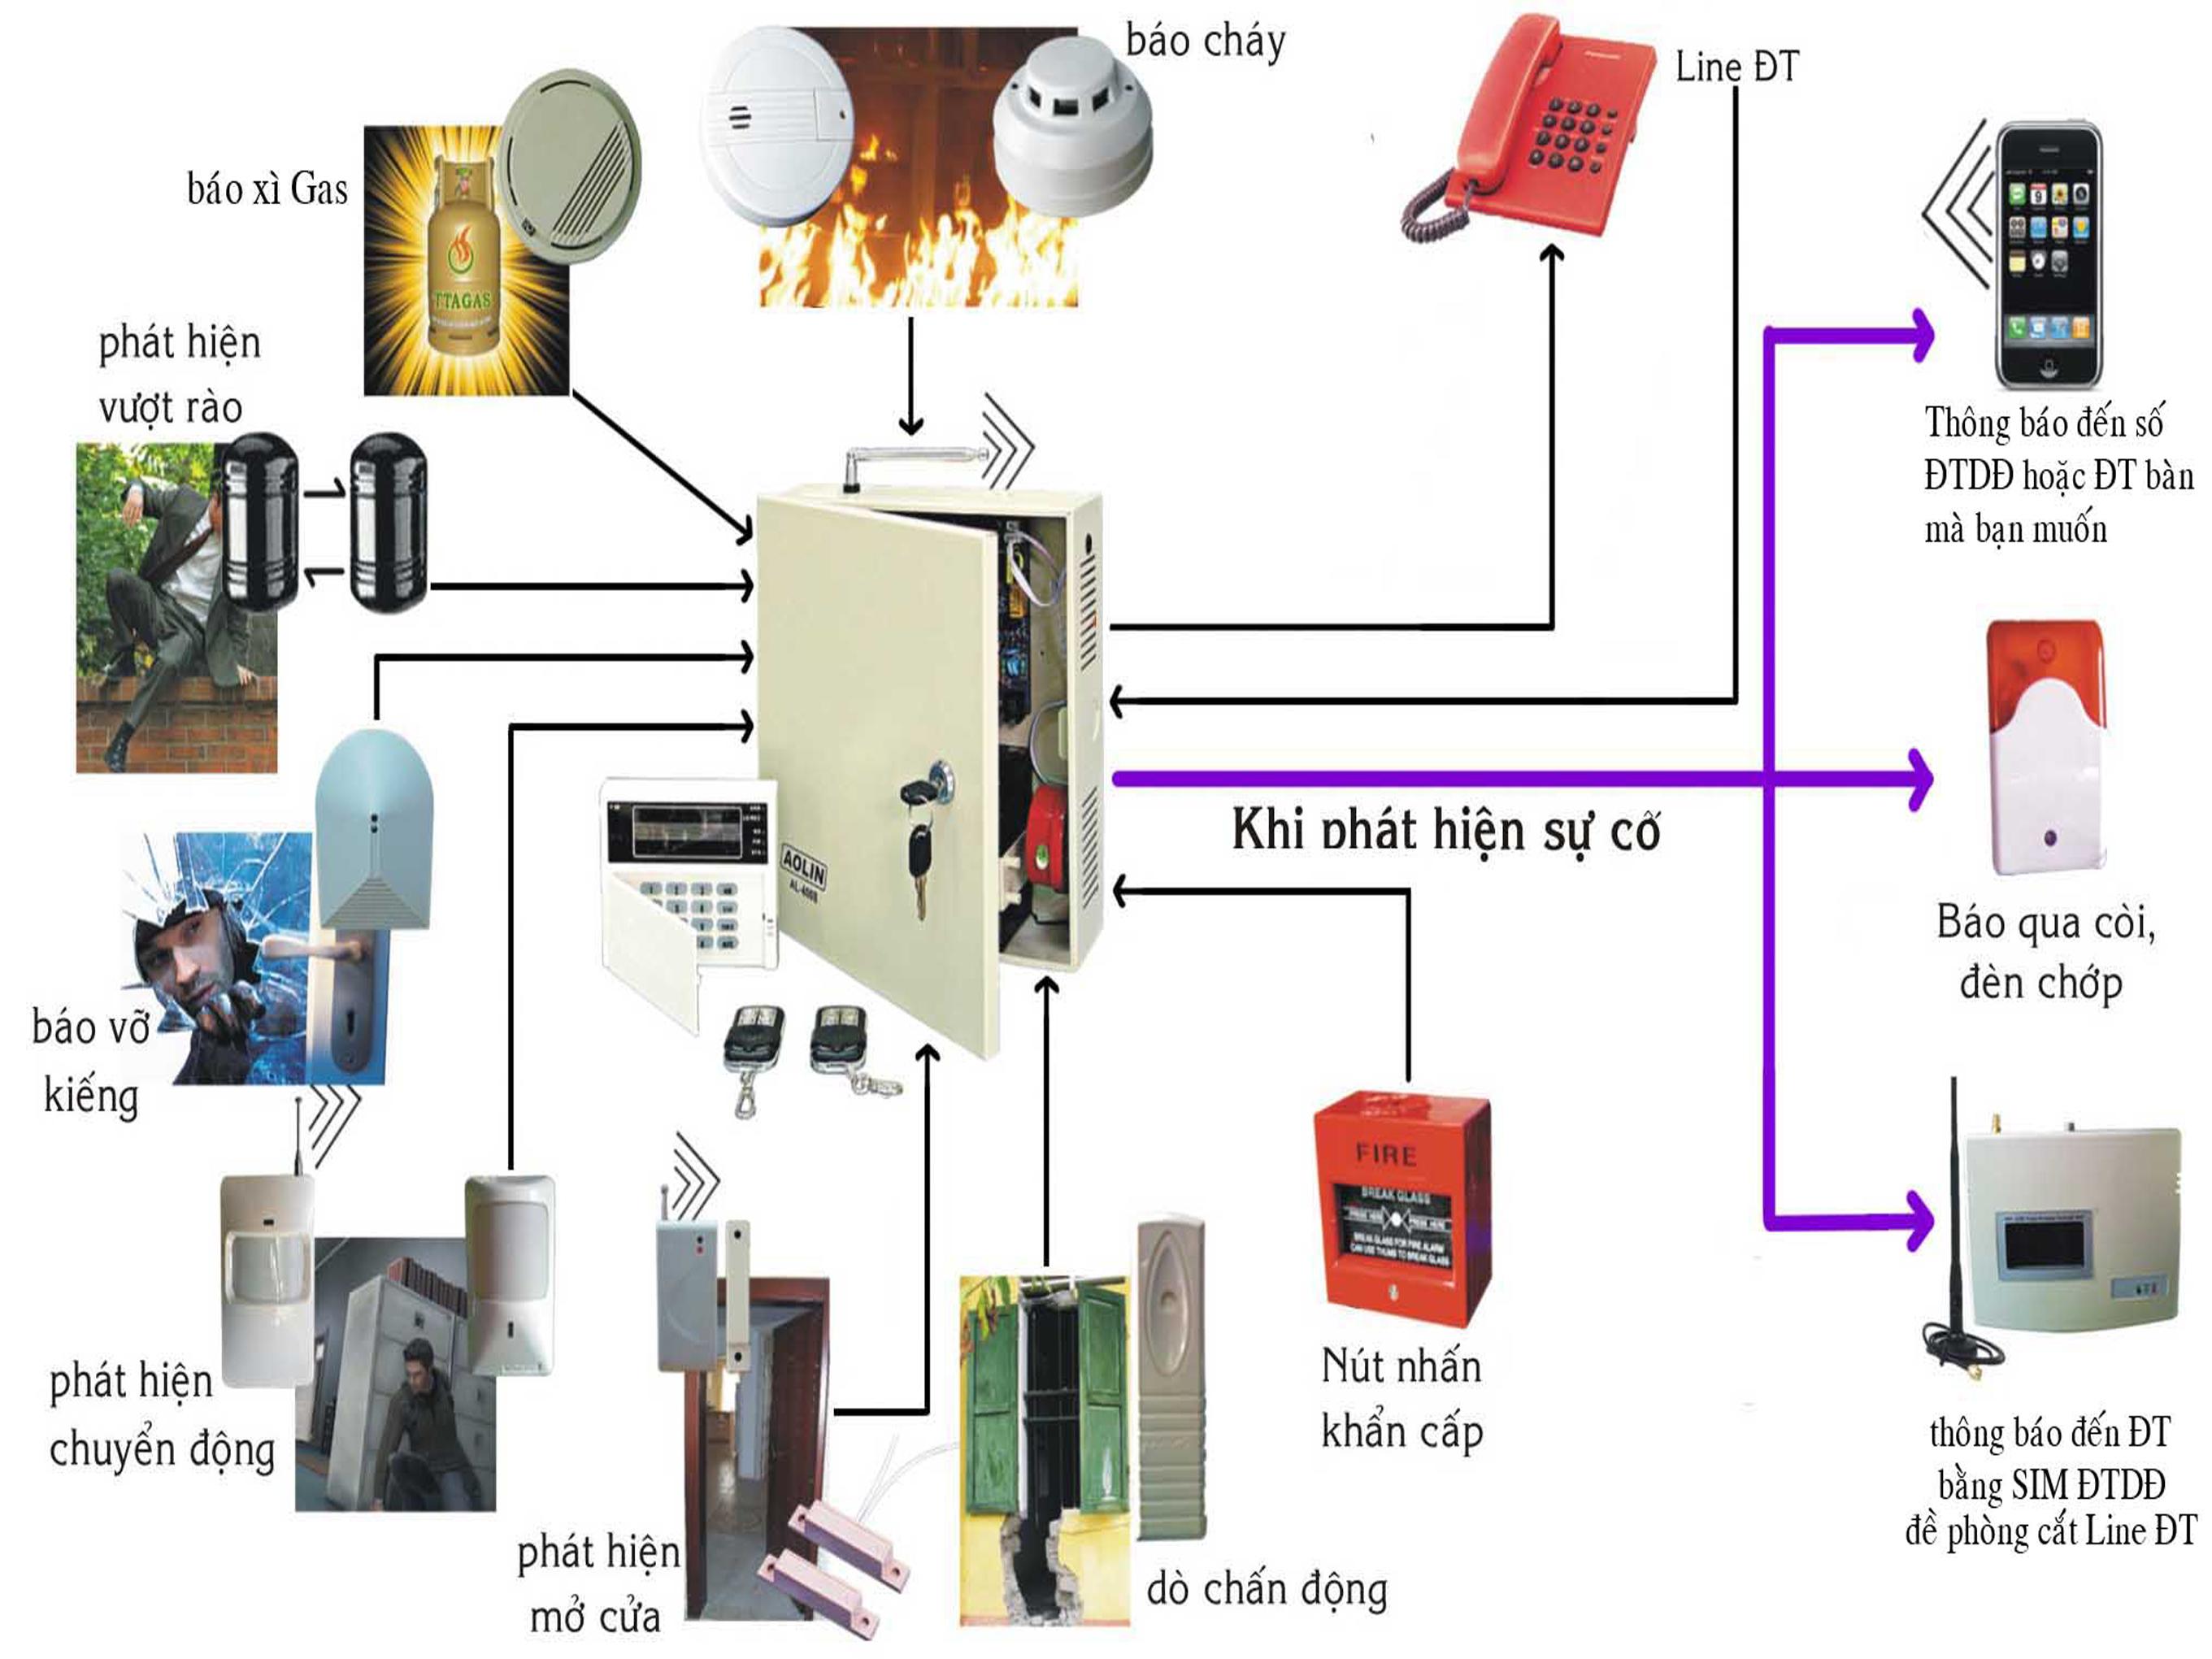 Lợi Ích Của Hệ Thống Báo Cháy Tự Động